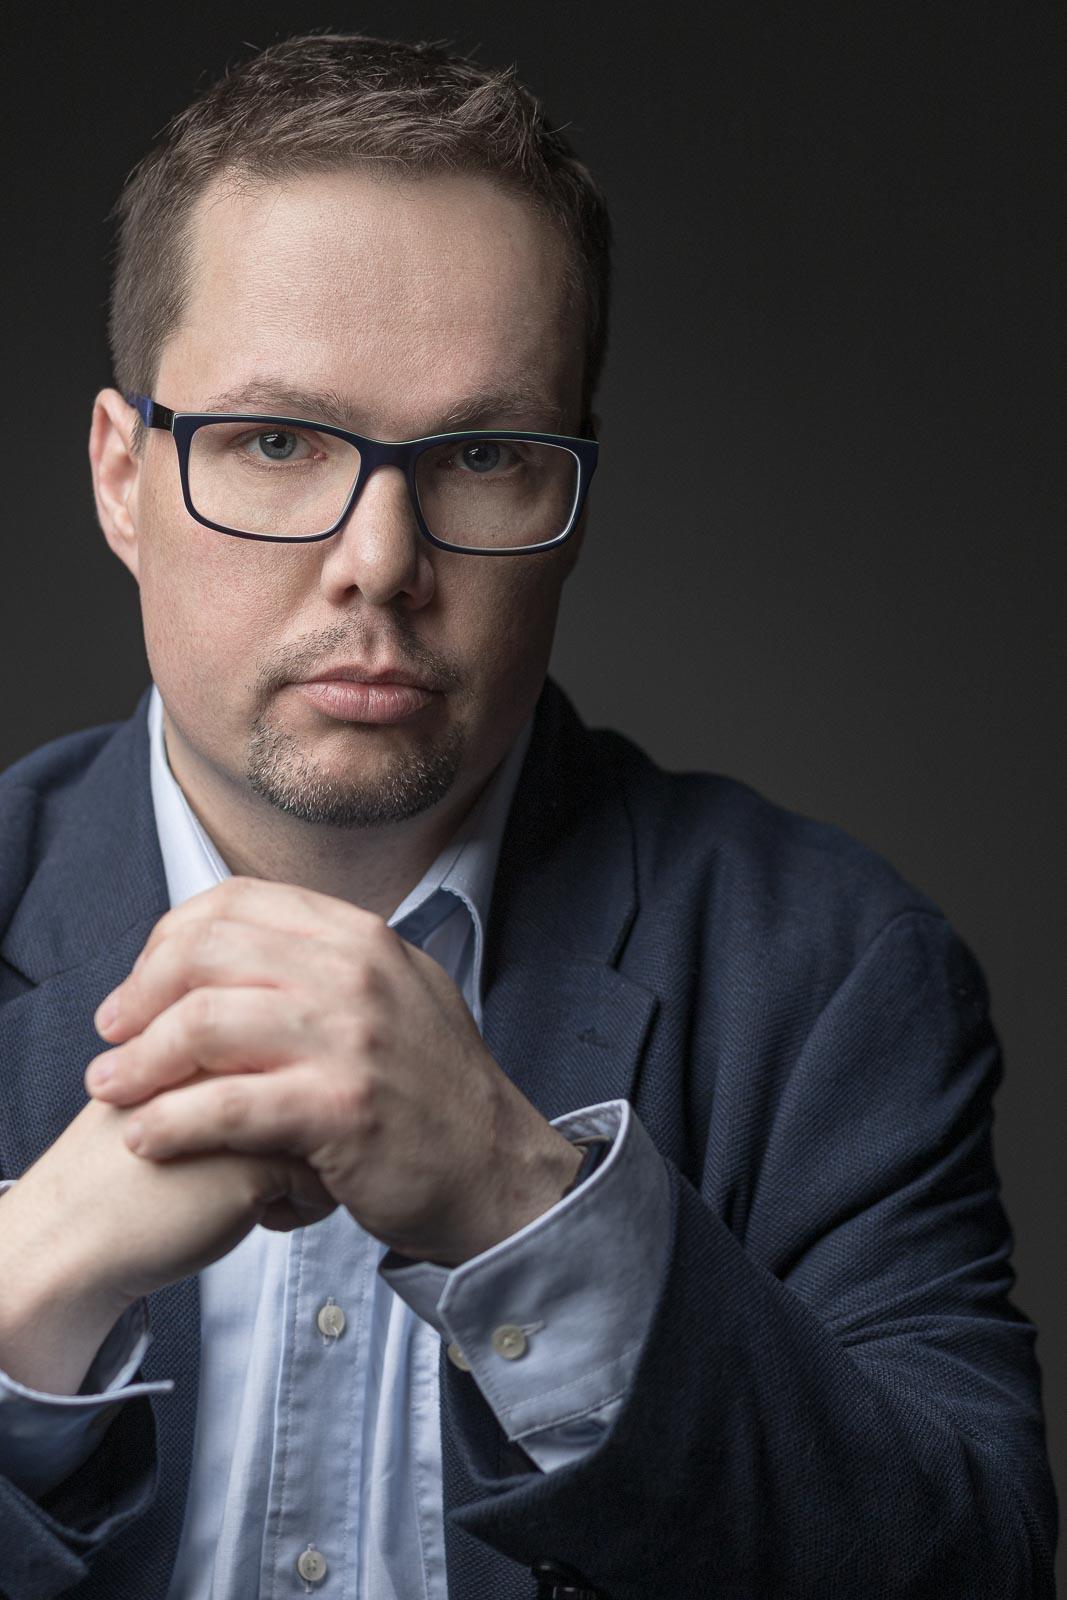 Dating-Foto eines jungen Mannes in blauem Sakko und moderner Brille, der entschlossen in die Kamera blickt